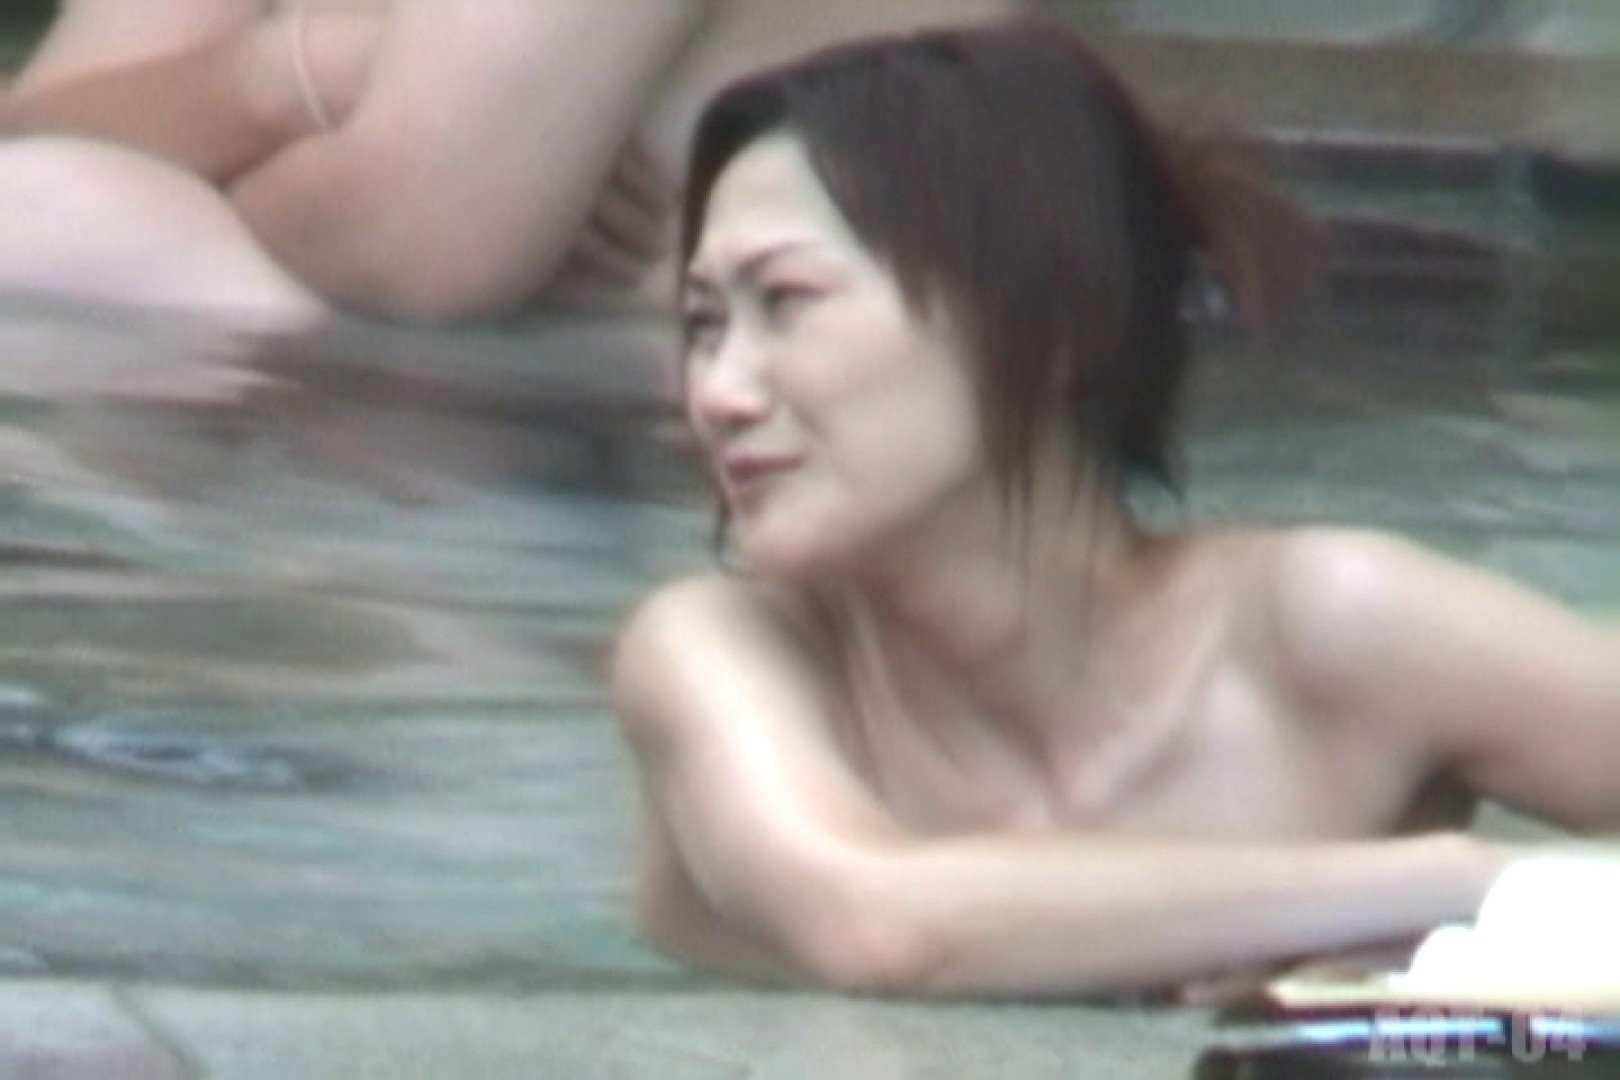 Aquaな露天風呂Vol.739 露天   盗撮  55pic 40